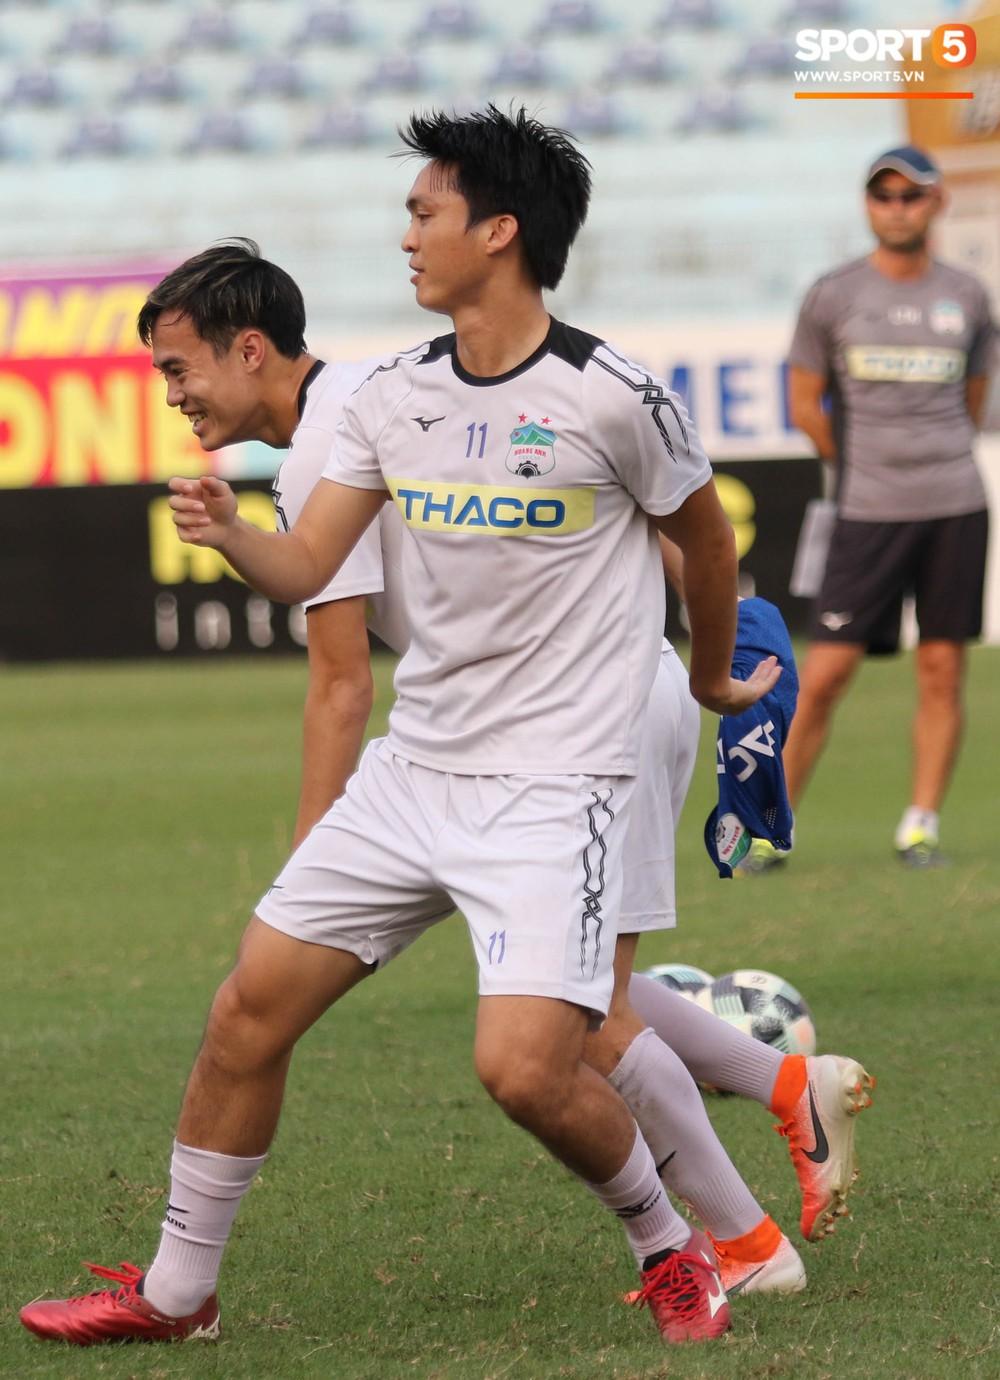 Xuân Trường, Văn Toàn quấn nhau như sam trong buổi tập trước thềm cuộc đọ sức với Hà Nội FC tại V.League - Ảnh 8.